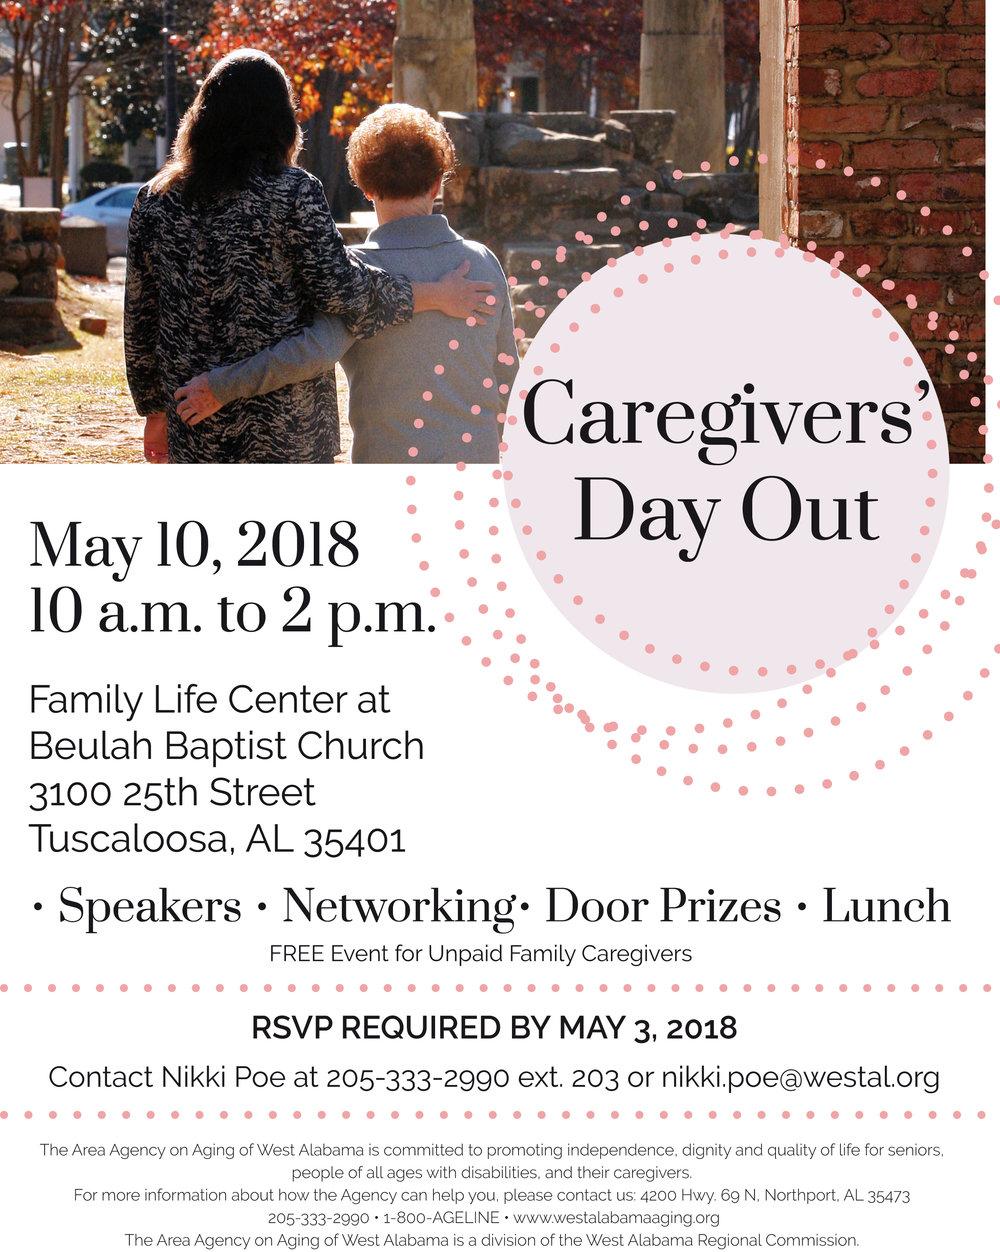 CaregiversDayOut2018.jpg